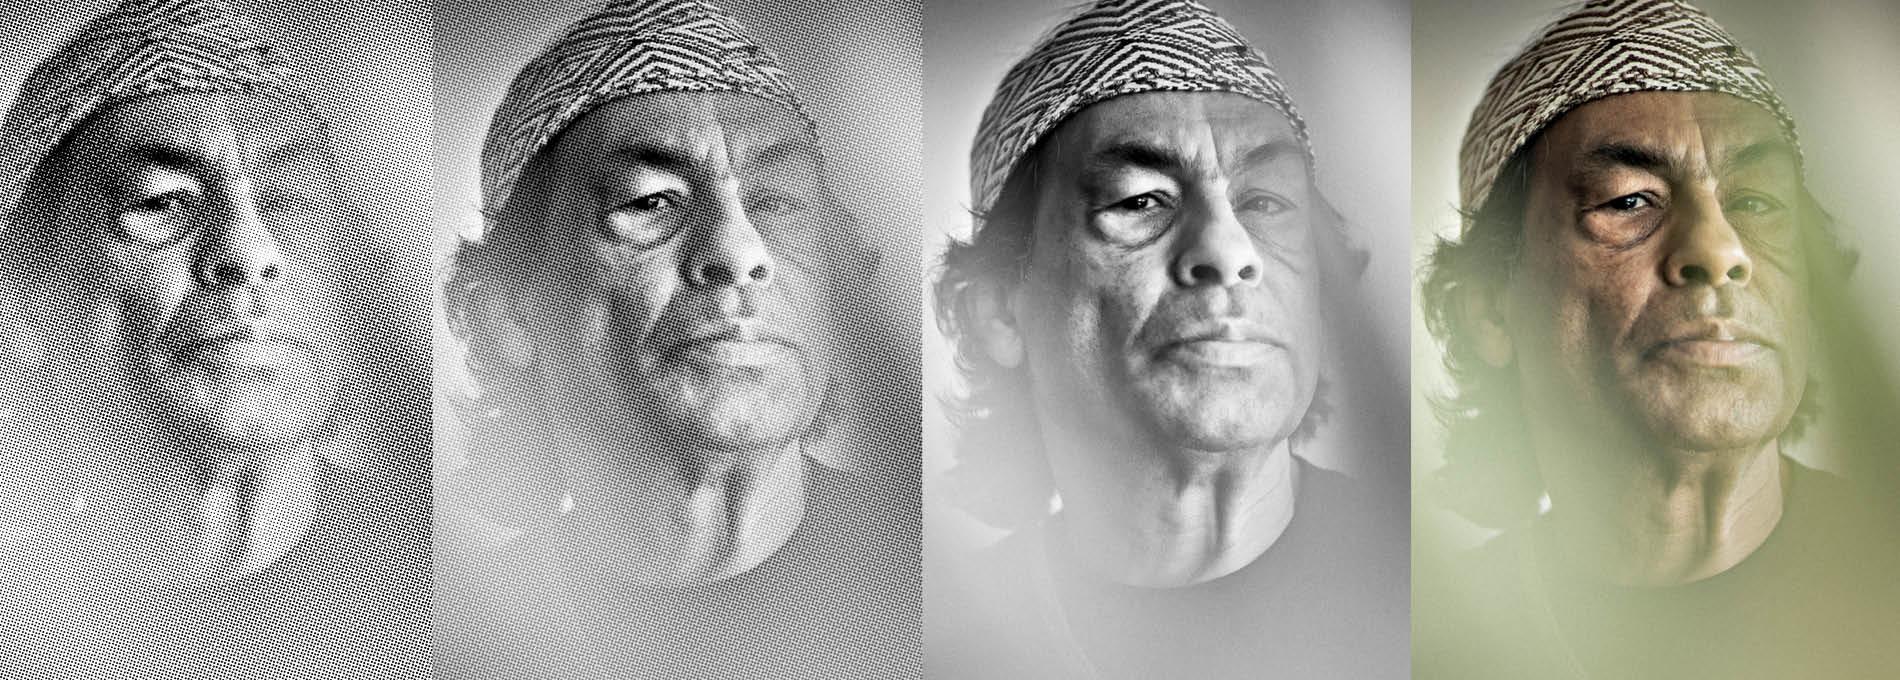 Ailton Krenak Foto Reticulada Preto e Branca Colorida